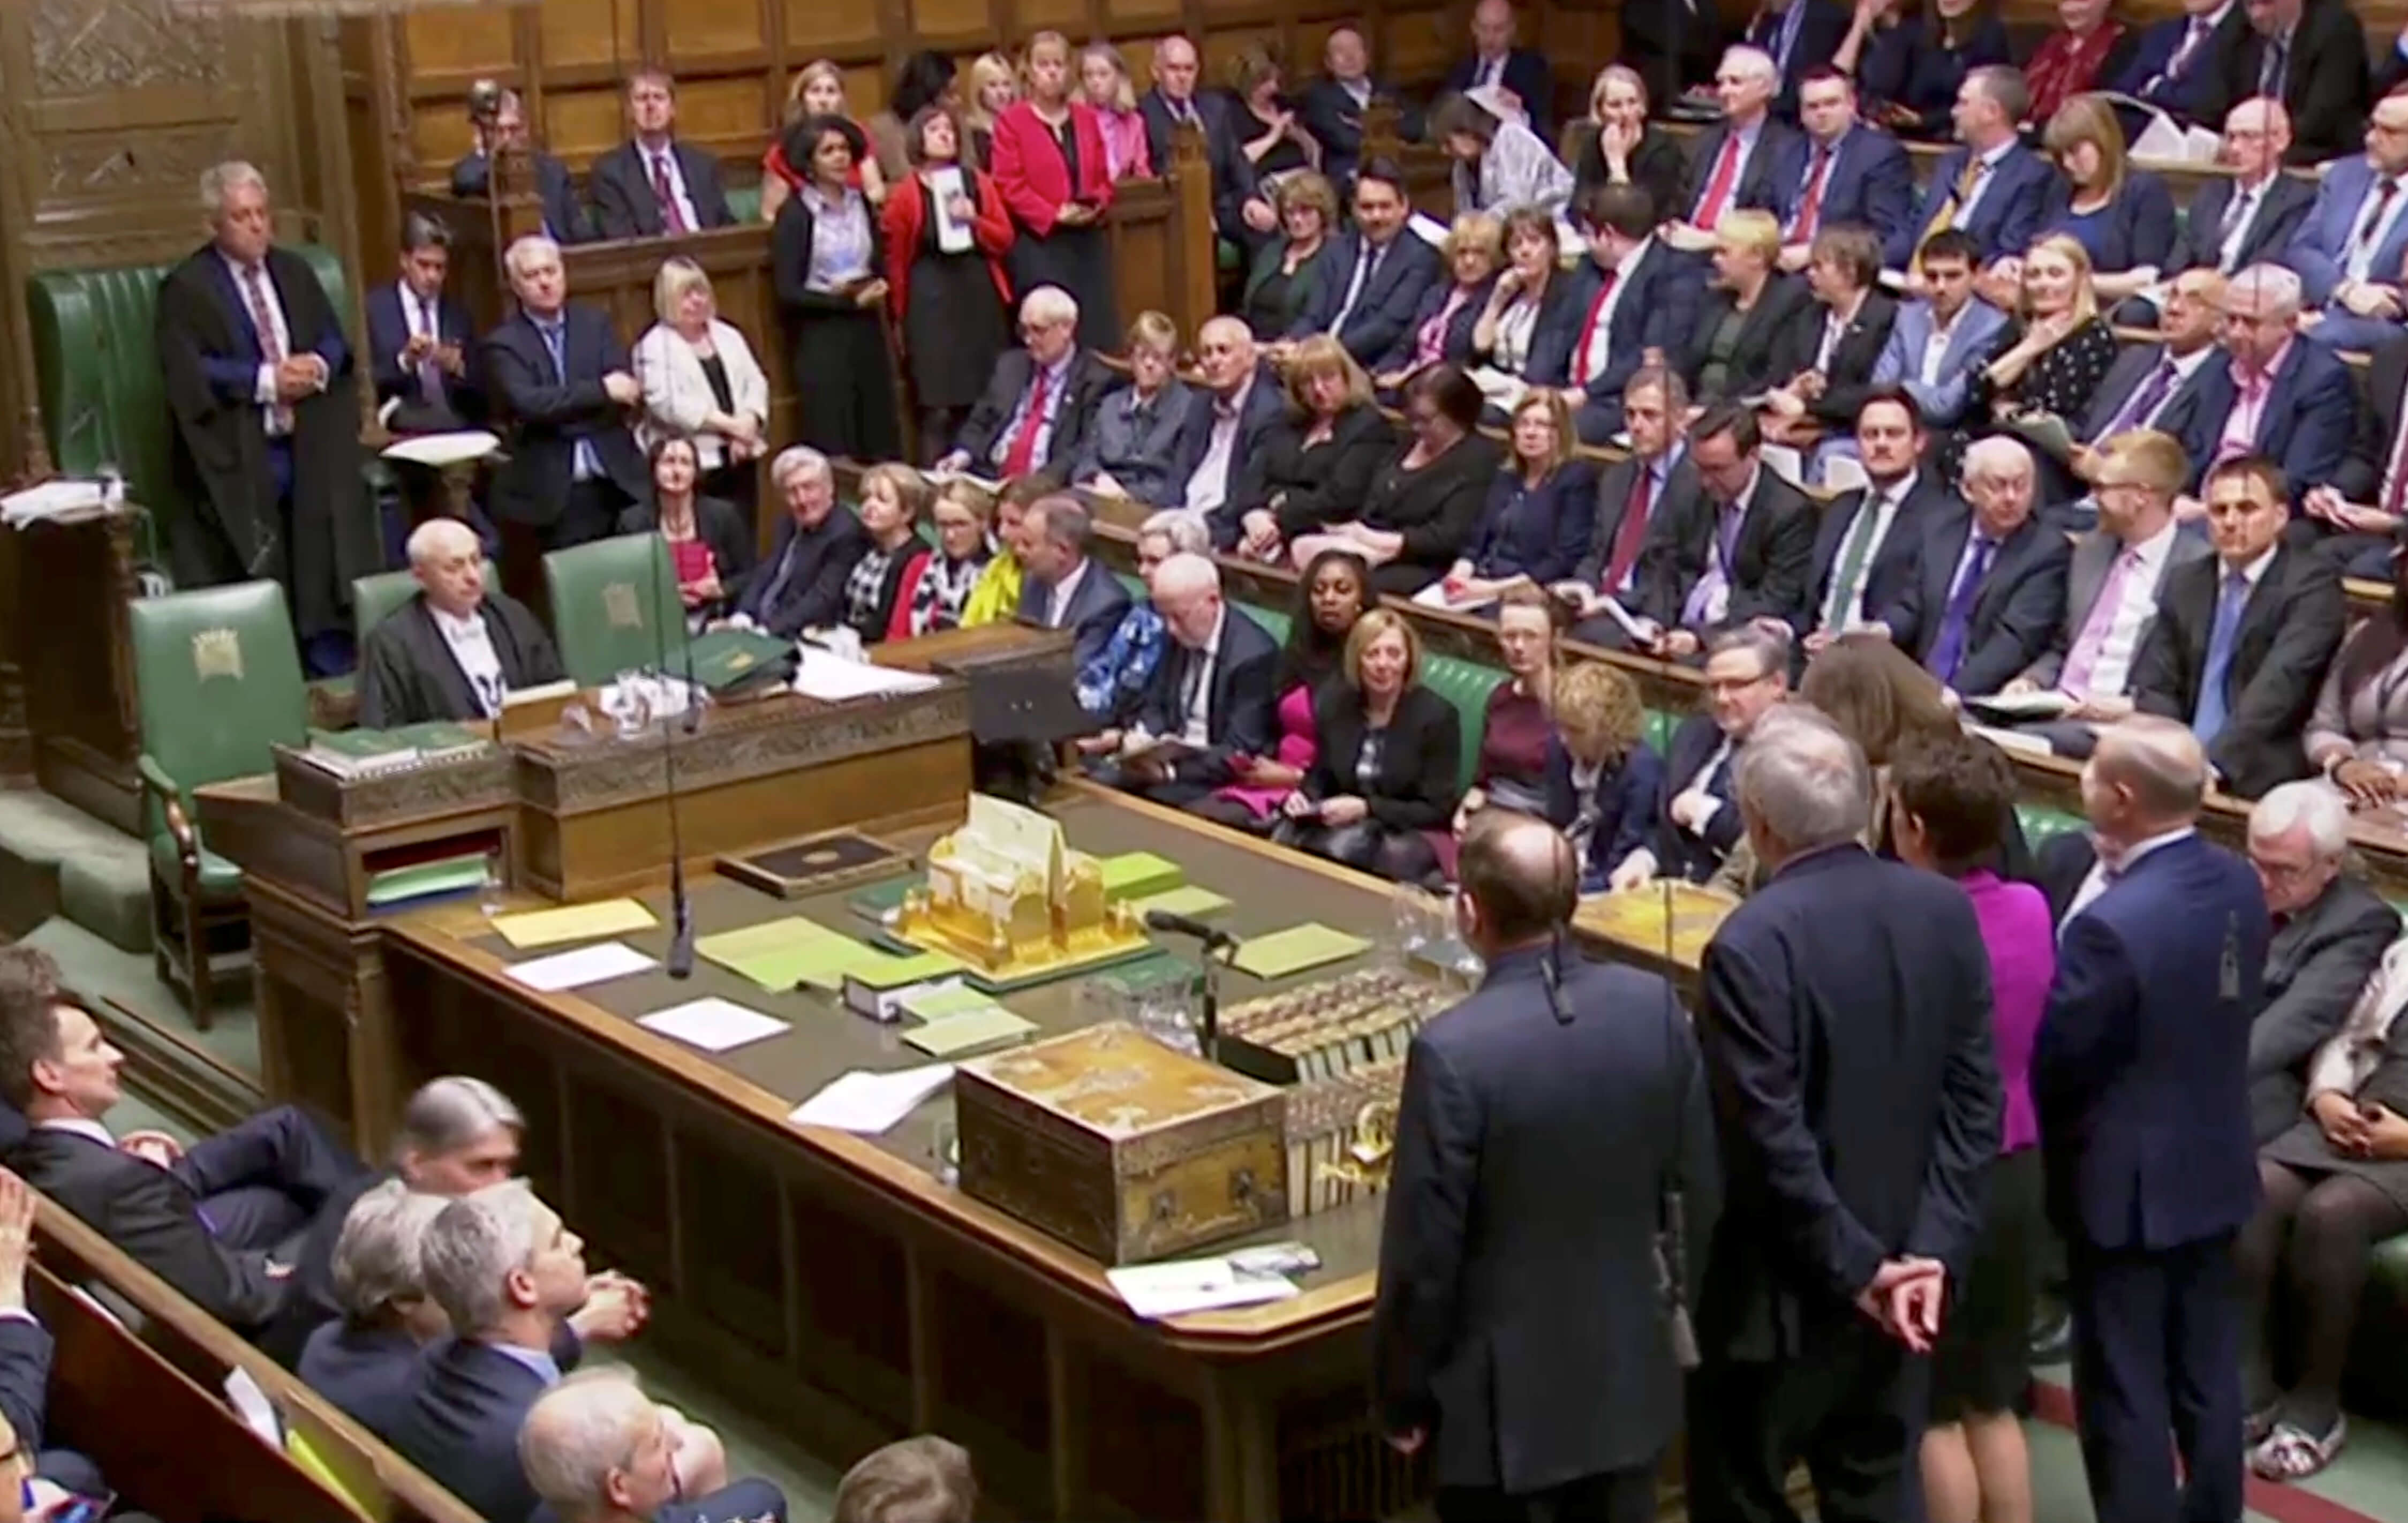 Foto: Resultados en el Parlamento británico sobre la votación para aplazar el Brexit. El 27 de marzo de 2019